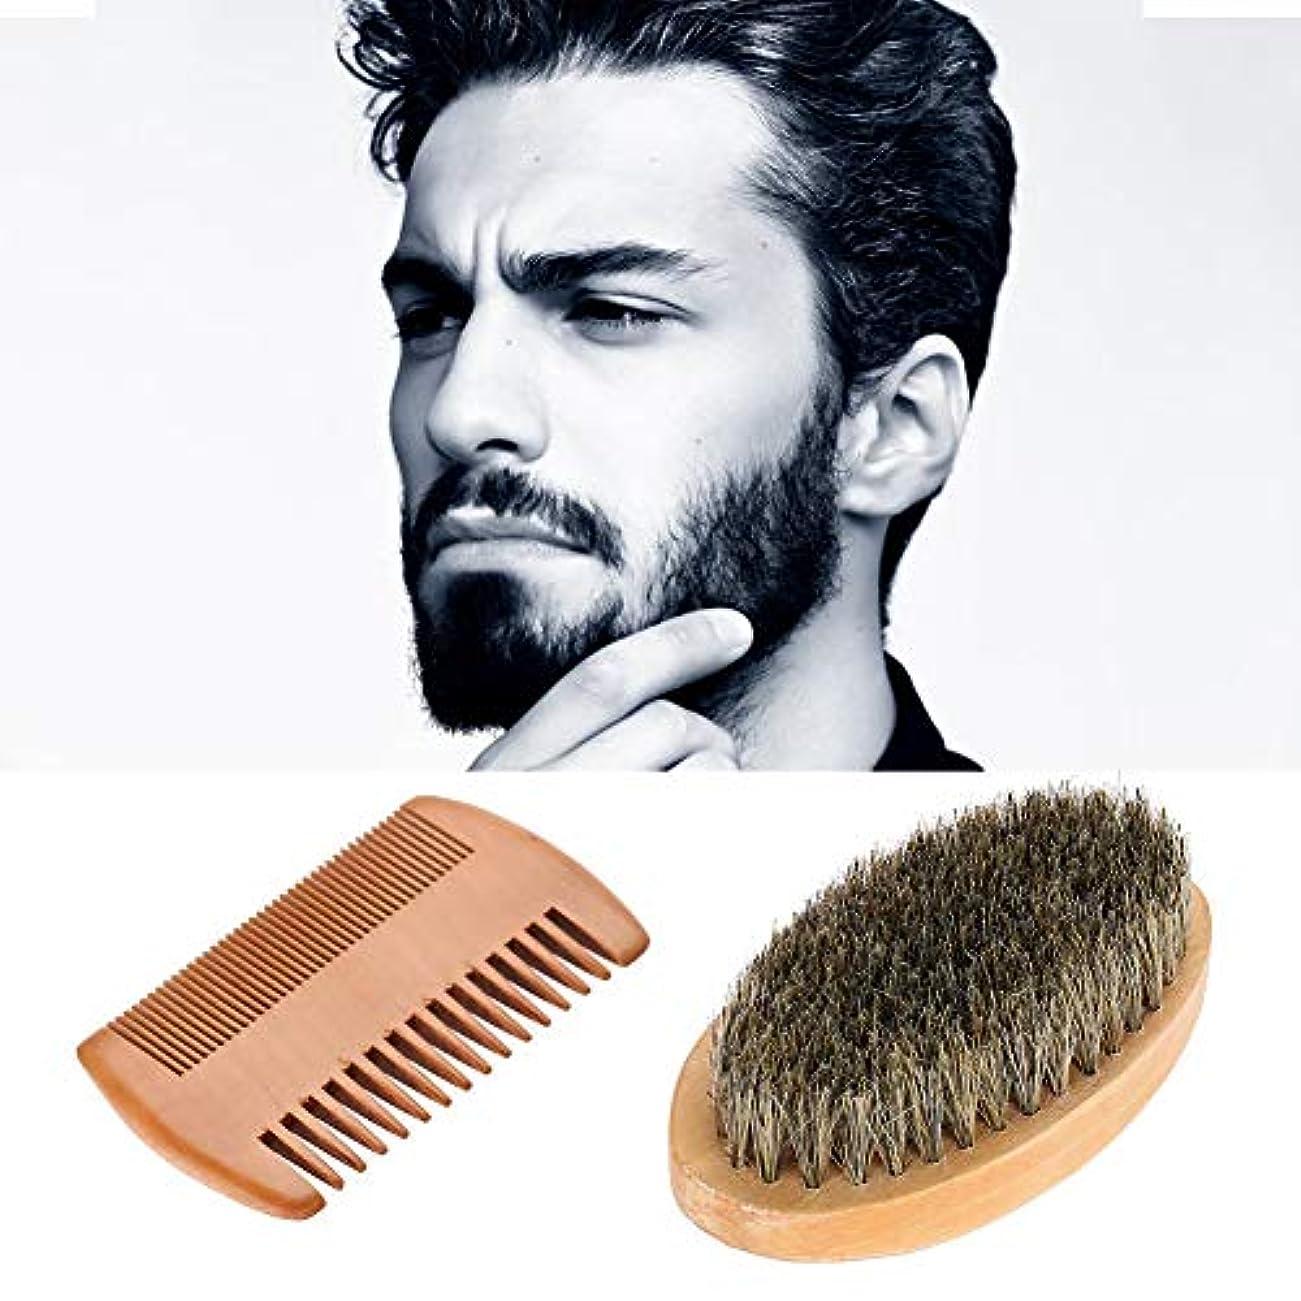 決めます緊張こどもの日男性の楕円形の木製の楕円形のブラシ+ひげの毛の顔のクリーニングの手入れをするキットのための櫛